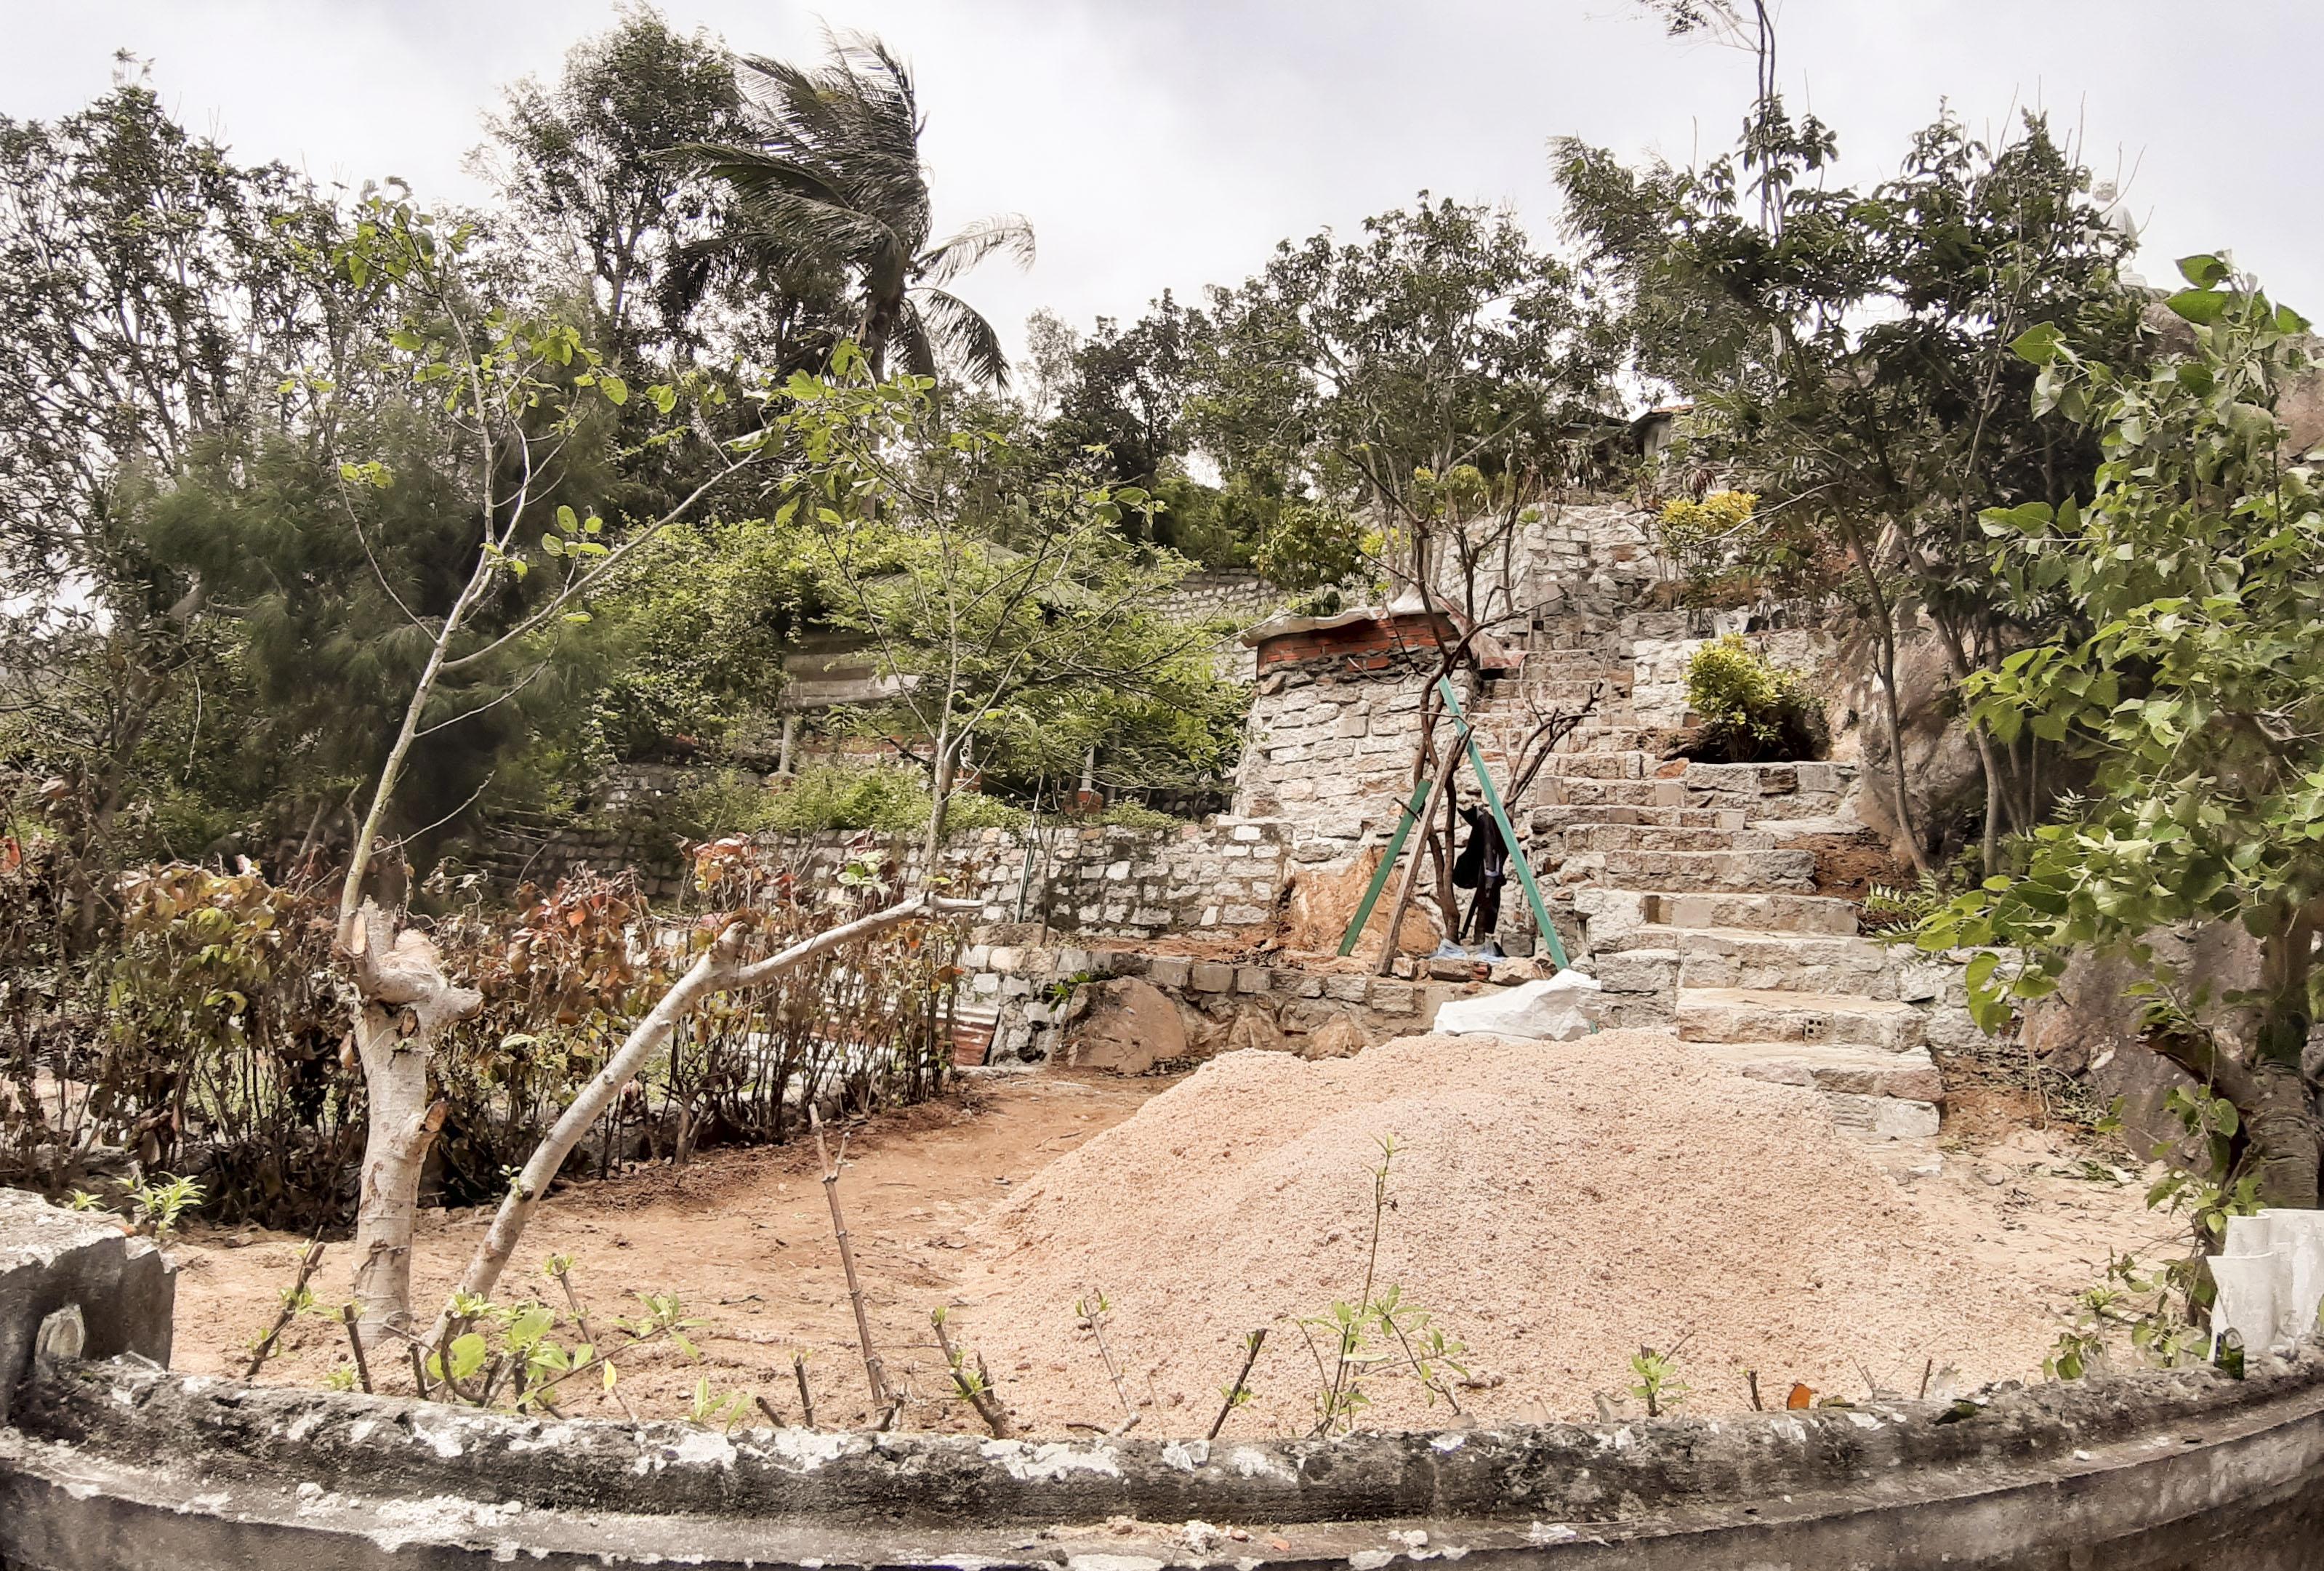 Cận cảnh công trình xây dựng trái phép trên núi Xuân Vân, khu di tích danh thắng quốc gia Ghềnh Ráng